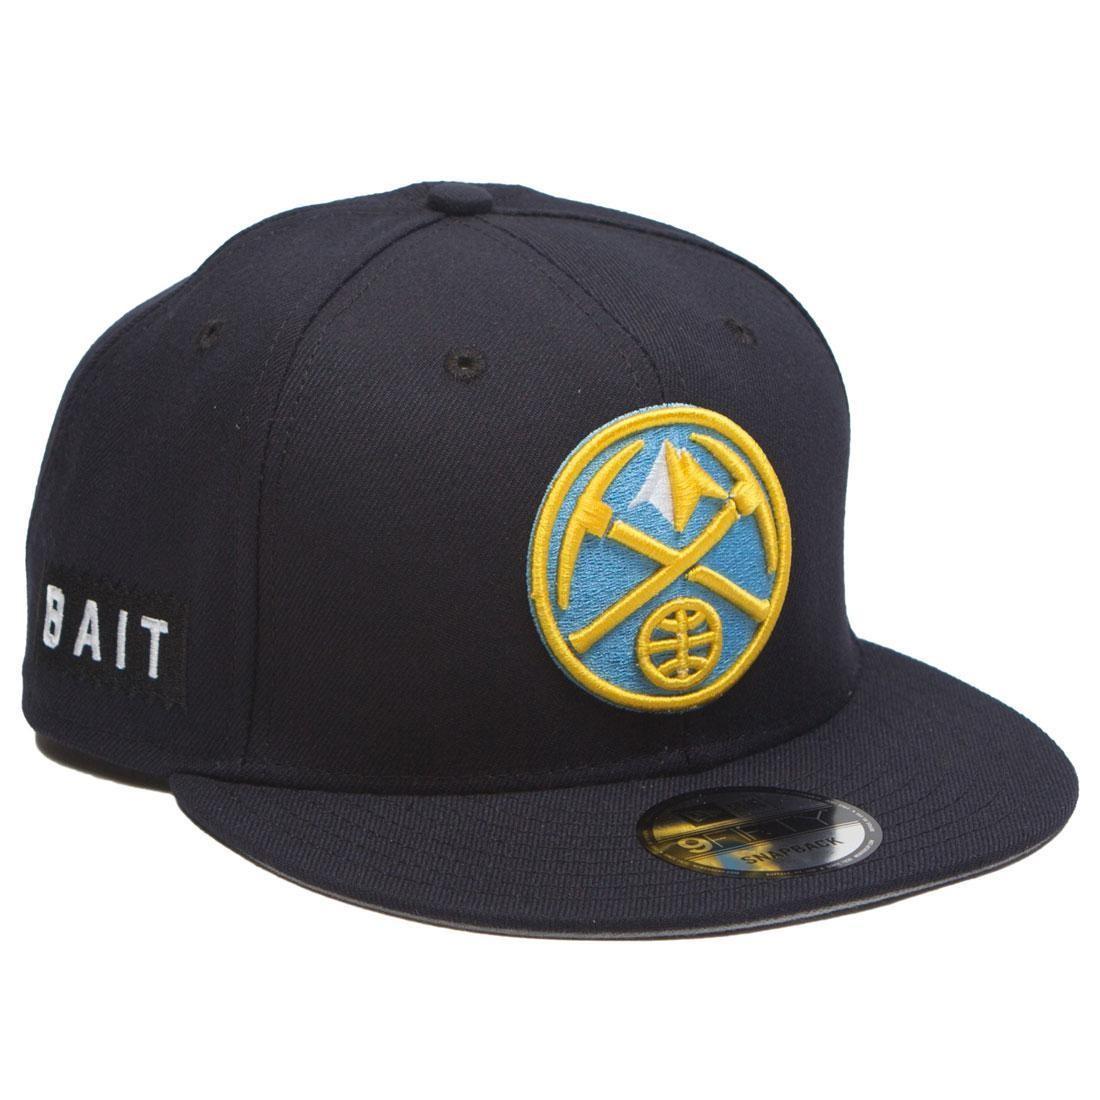 BAIT x NBA X New Era 9Fifty Denver Nuggets OTC Snapback Cap (navy)